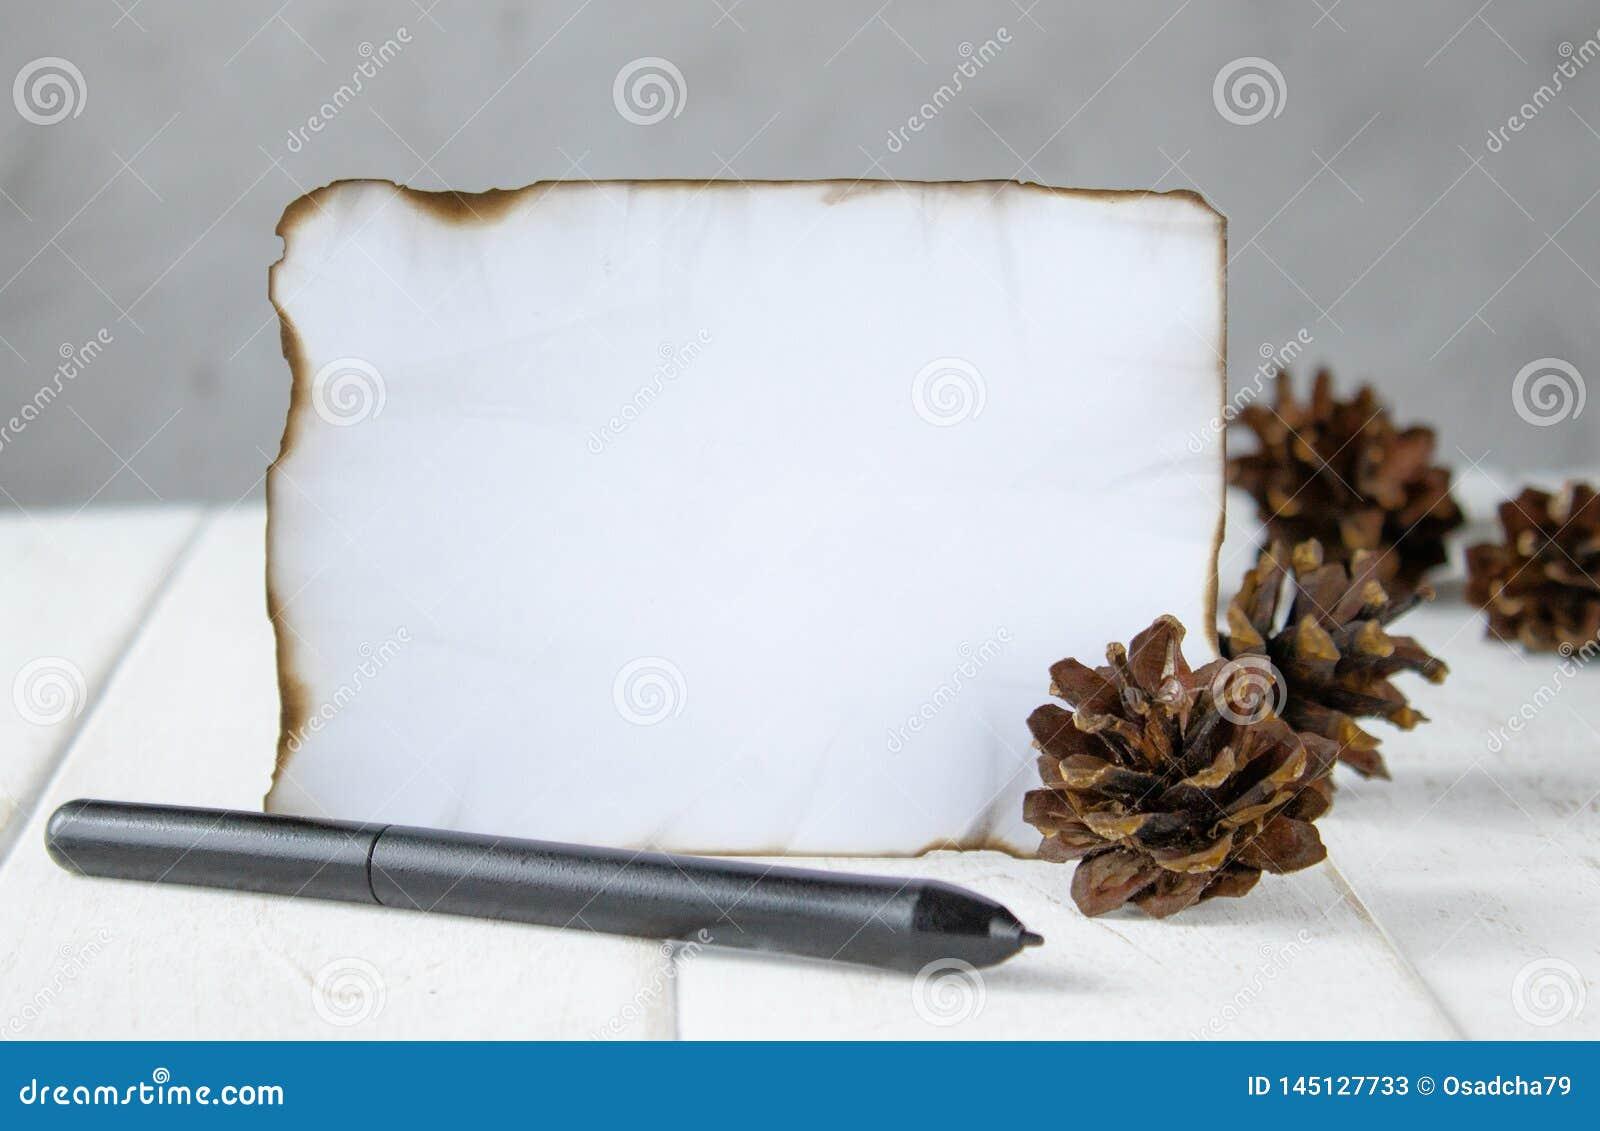 Auf wei?en h?lzernen Brettern ein Blatt Papier gebrannt an den R?ndern, Waldkegel, ein schwarzer Stift an den R?ndern Lassen des